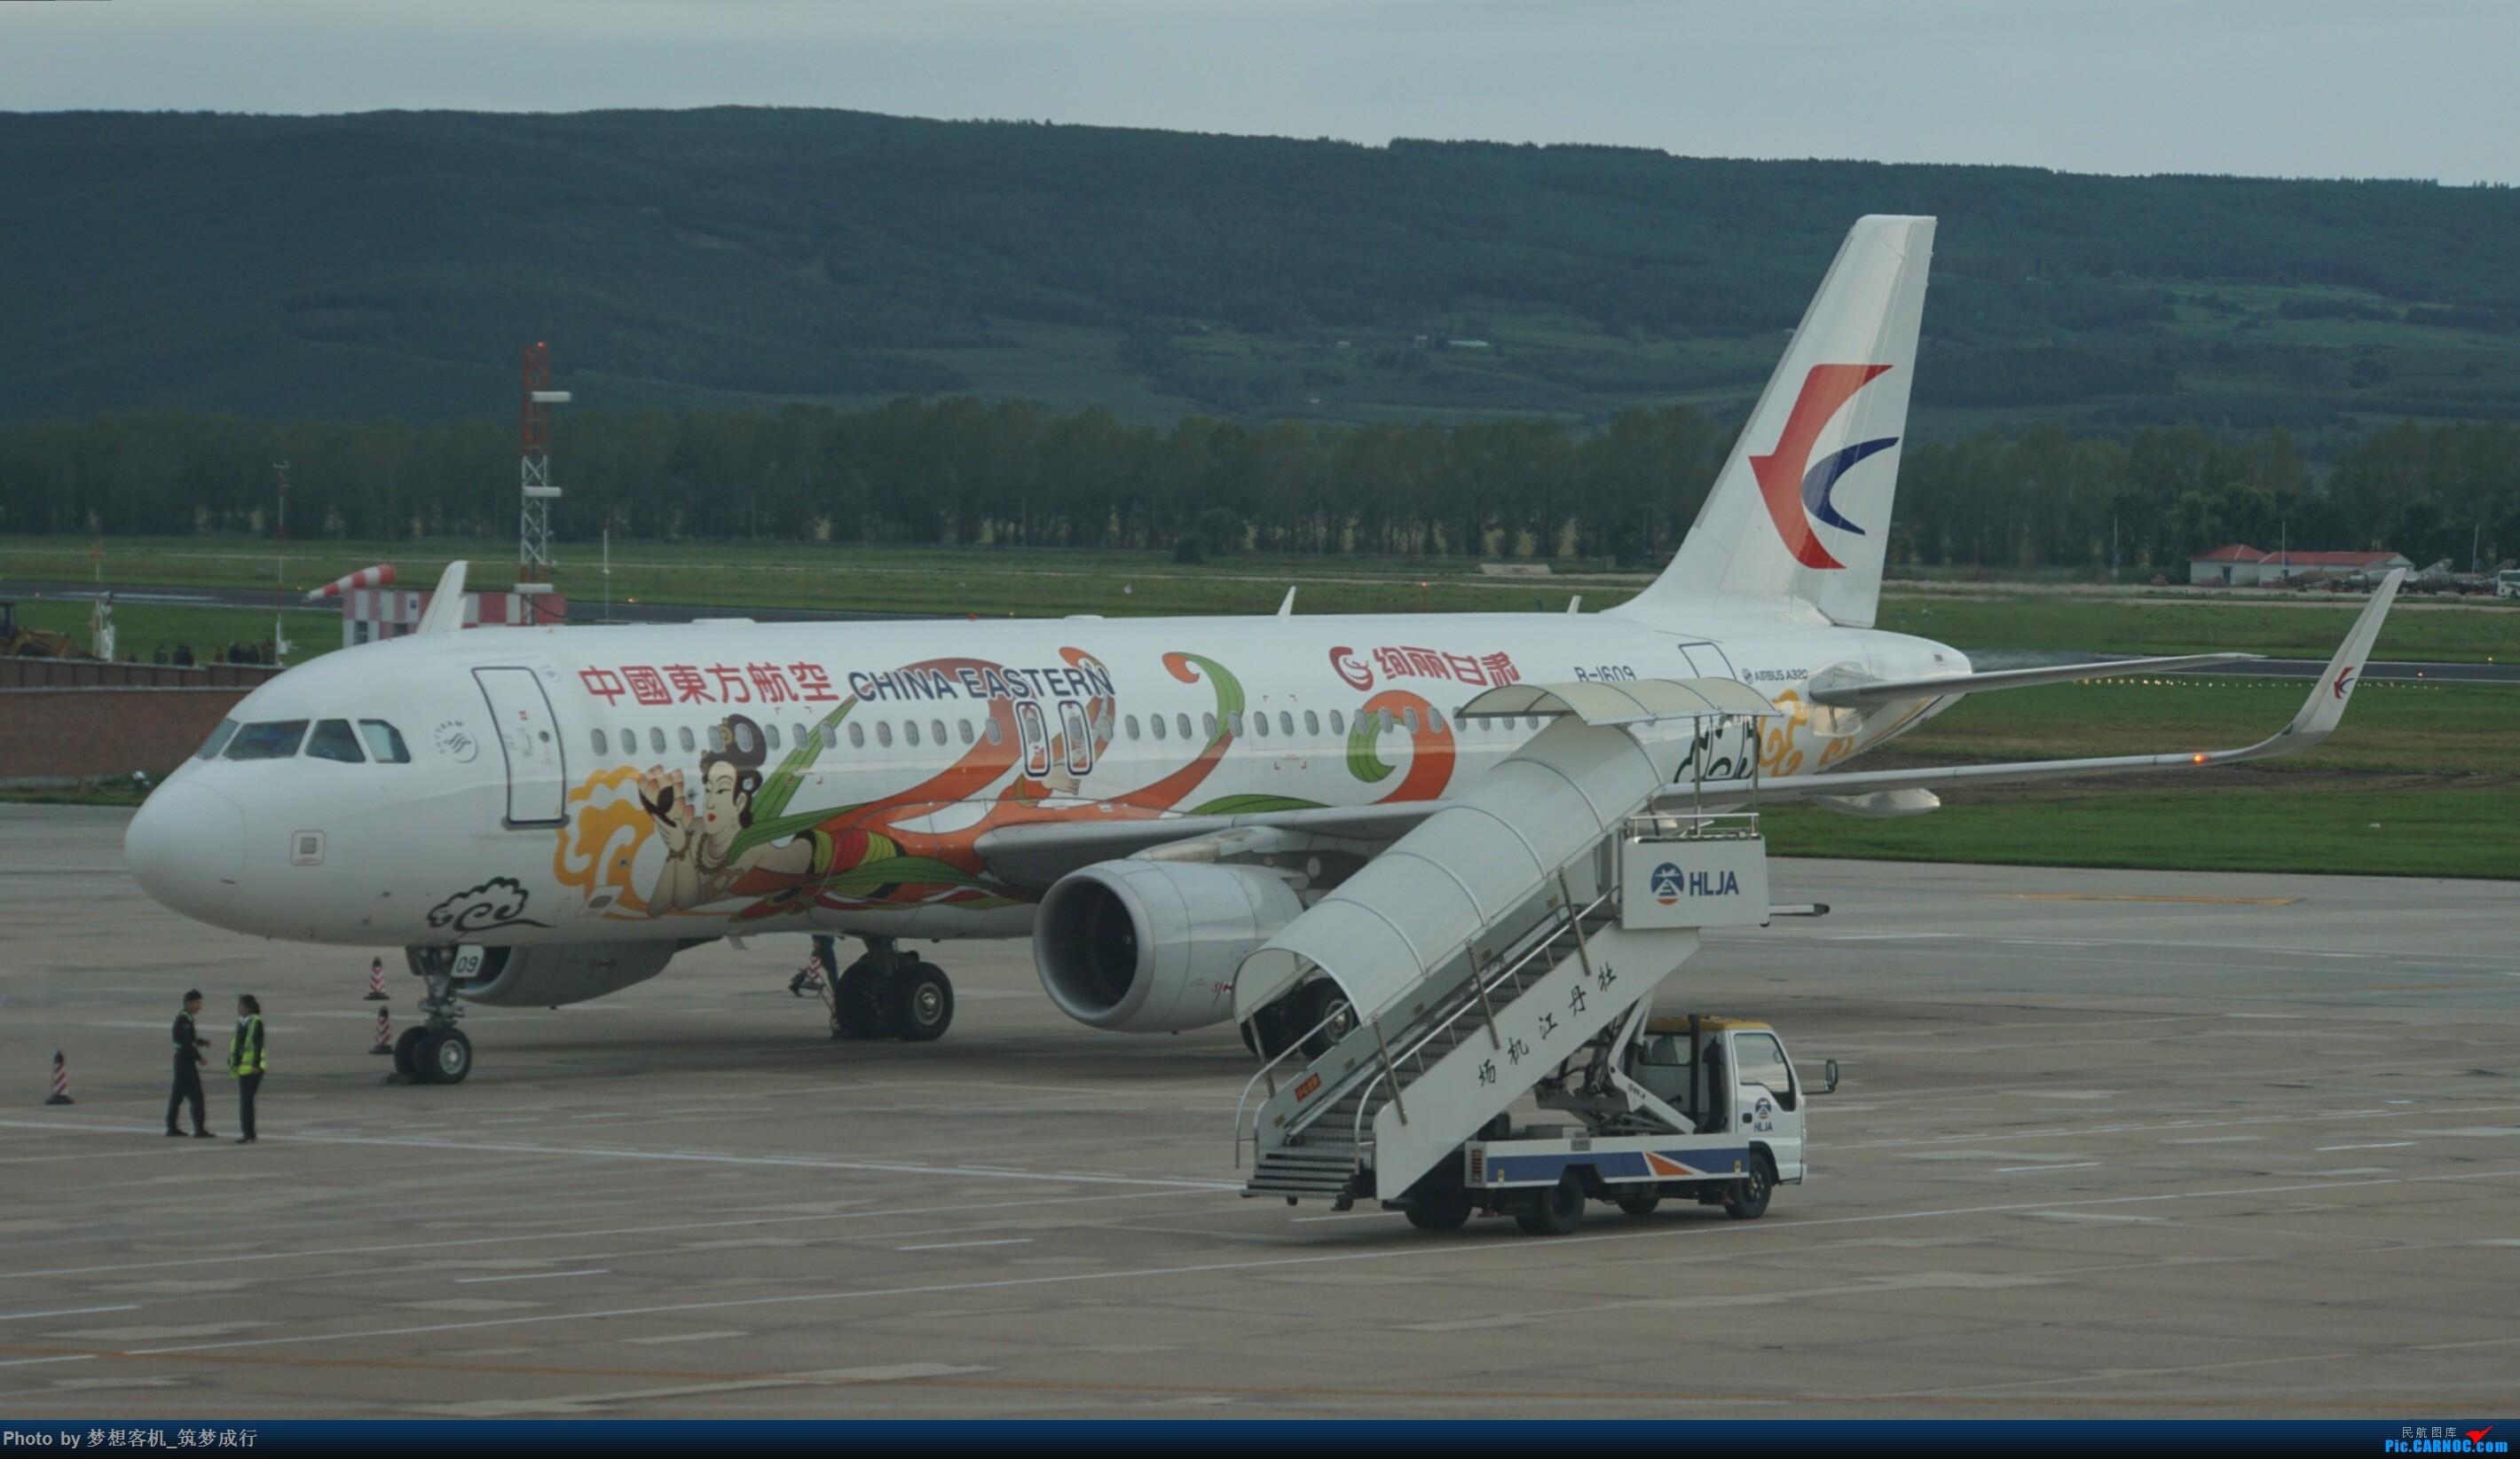 牡丹江海浪机场_re:mdg暑假拍机集锦 airbus a320-200 b-1609 中国牡丹江海浪机场